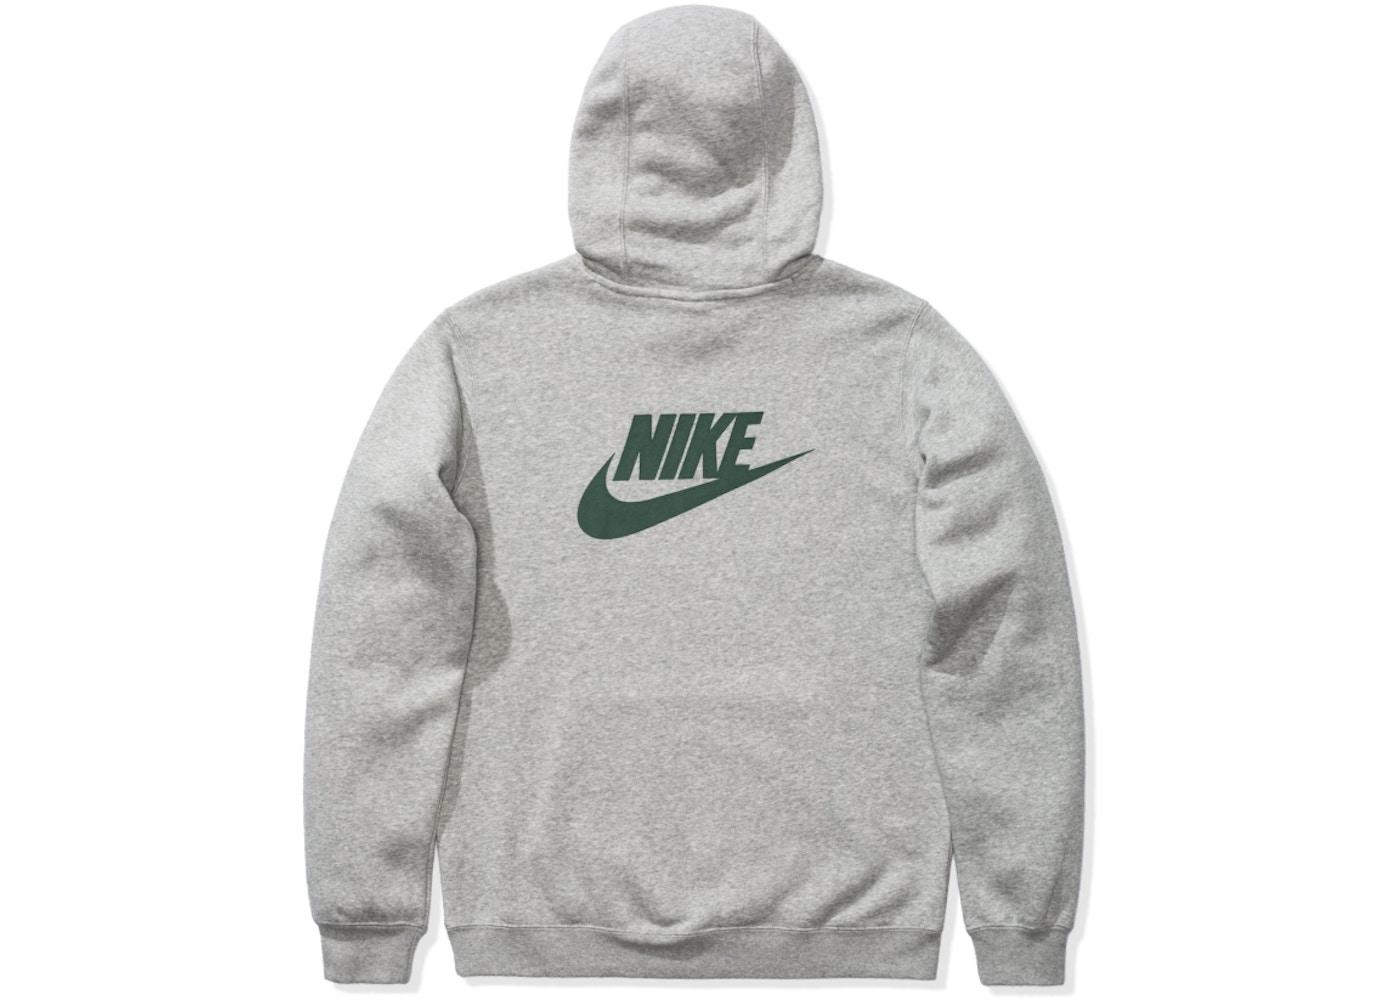 e25b8b5a Nike Apparel Stranger Things - Buy & Sell Streetwear